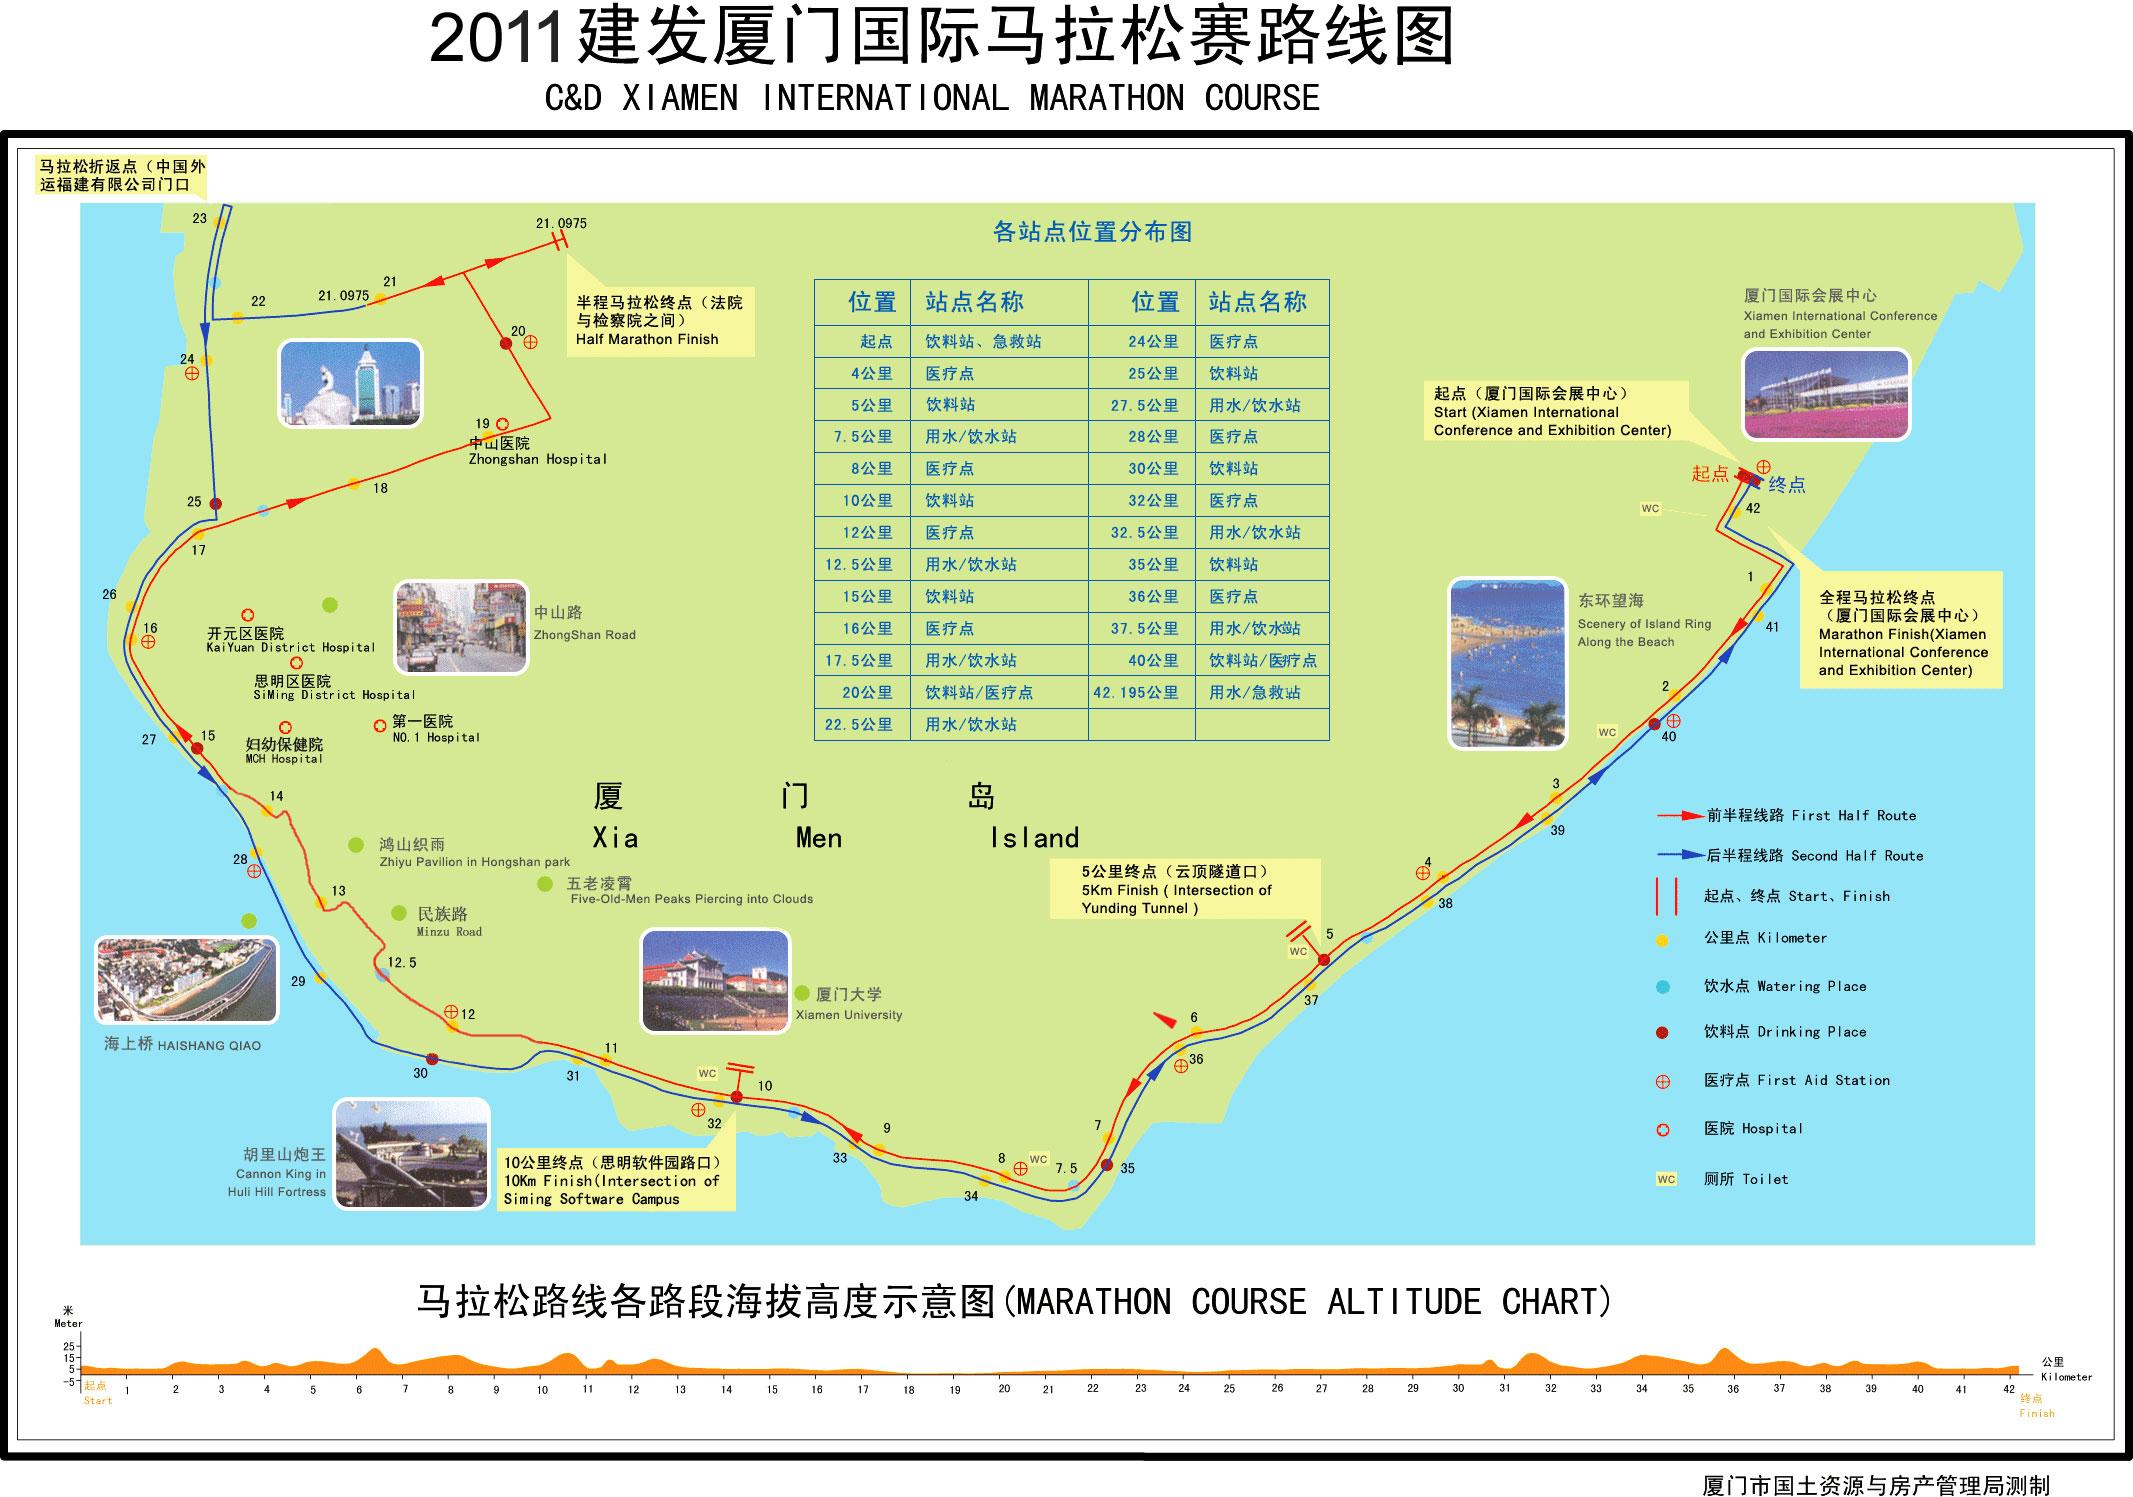 厦门马拉松赛线路图 起点终点均为国际会展中心